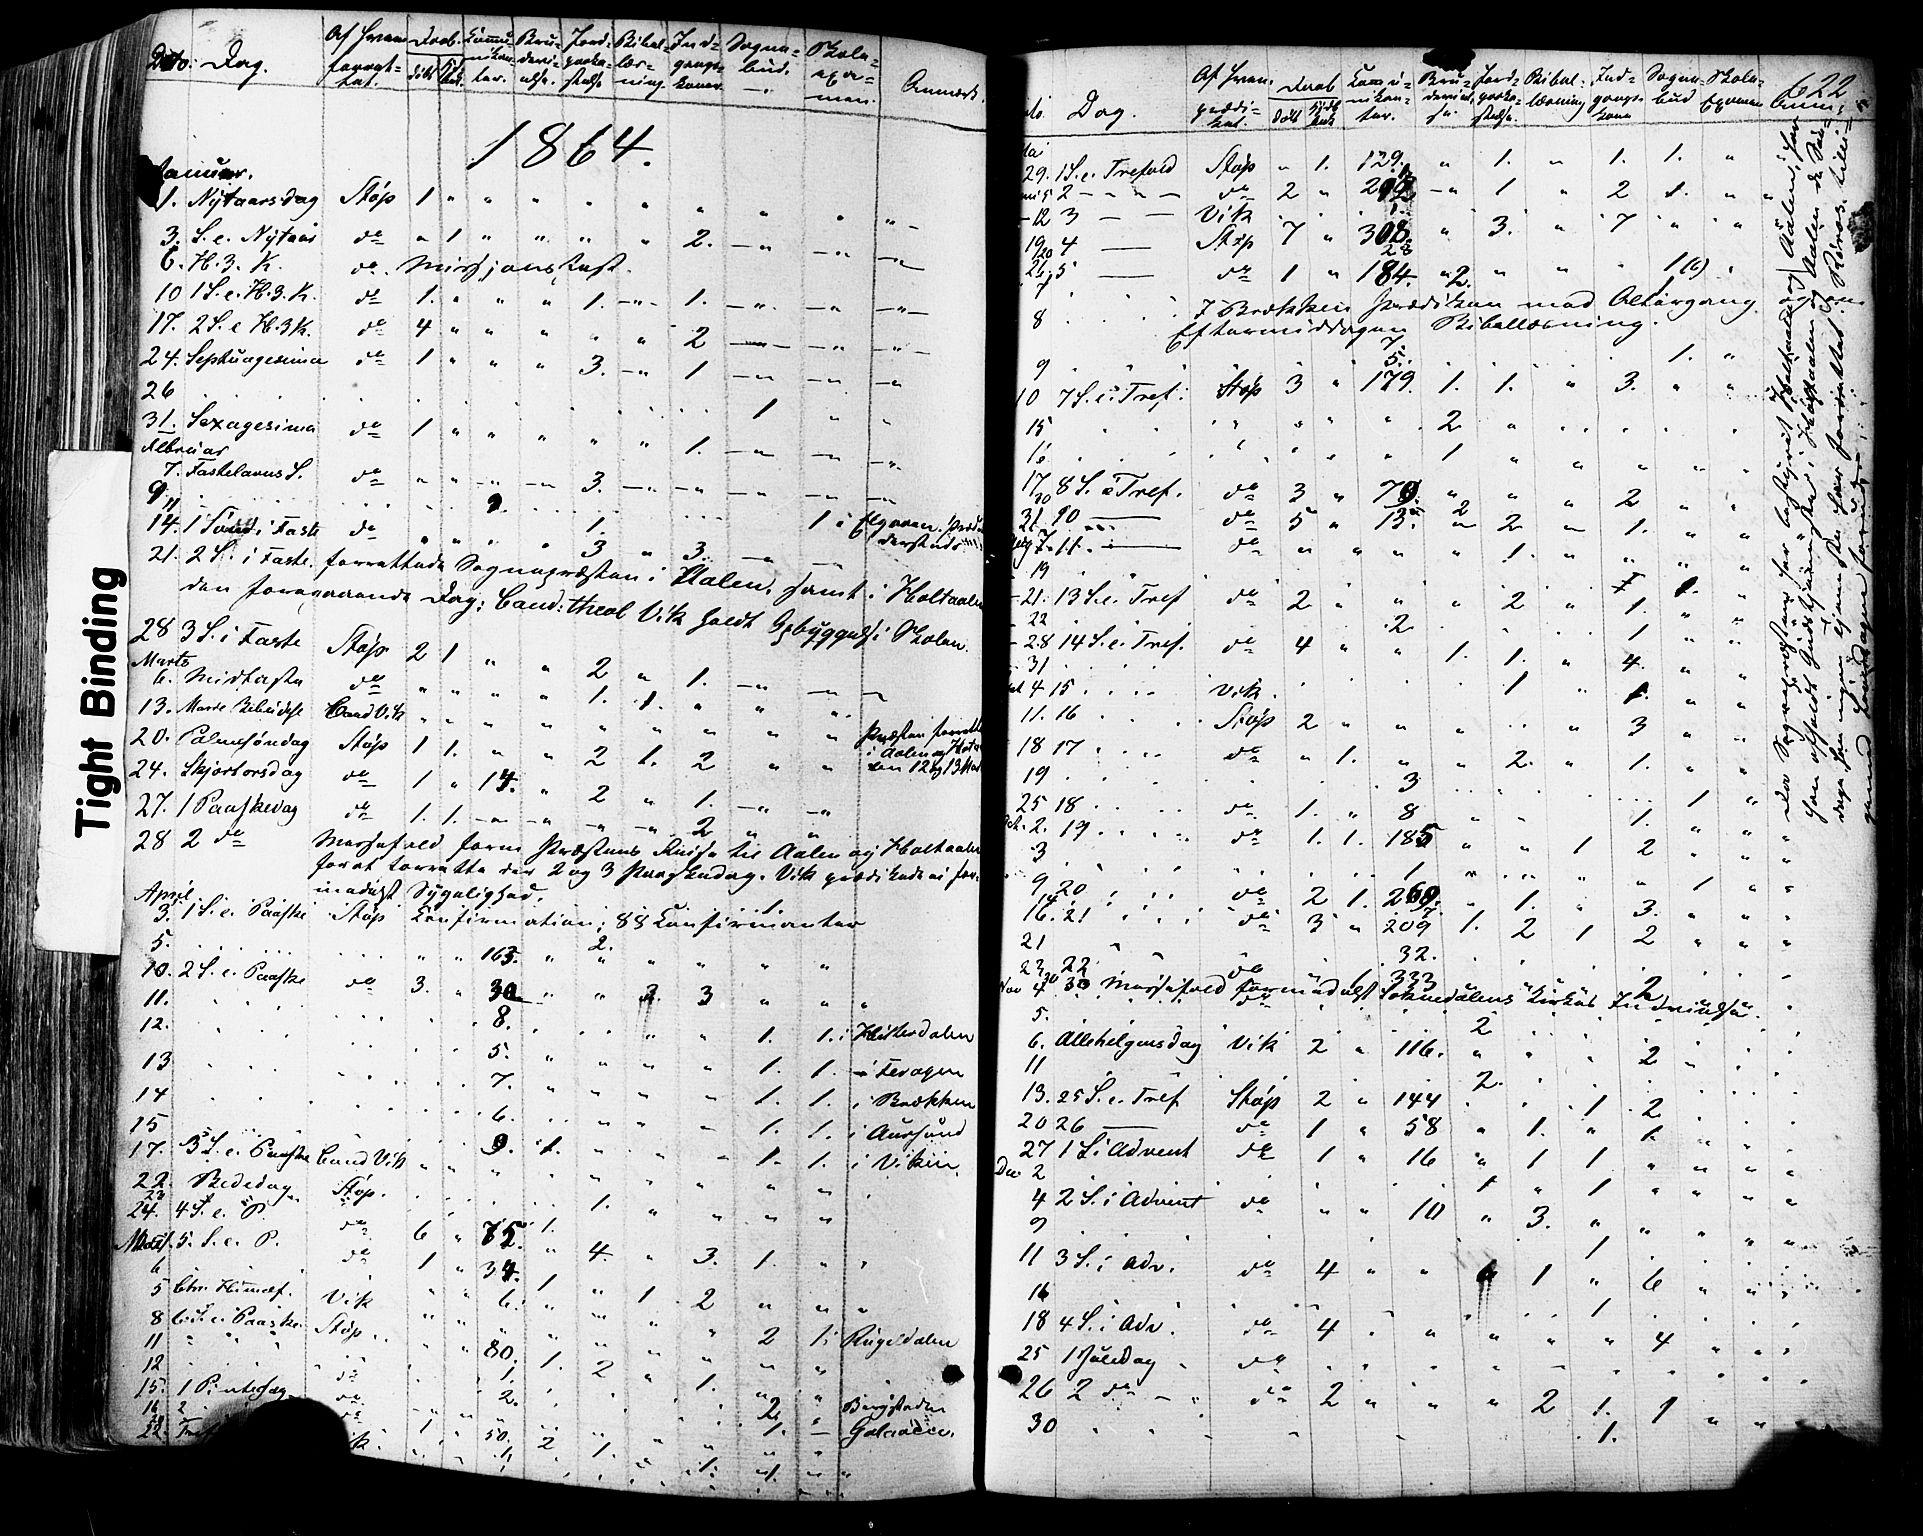 SAT, Ministerialprotokoller, klokkerbøker og fødselsregistre - Sør-Trøndelag, 681/L0932: Ministerialbok nr. 681A10, 1860-1878, s. 622